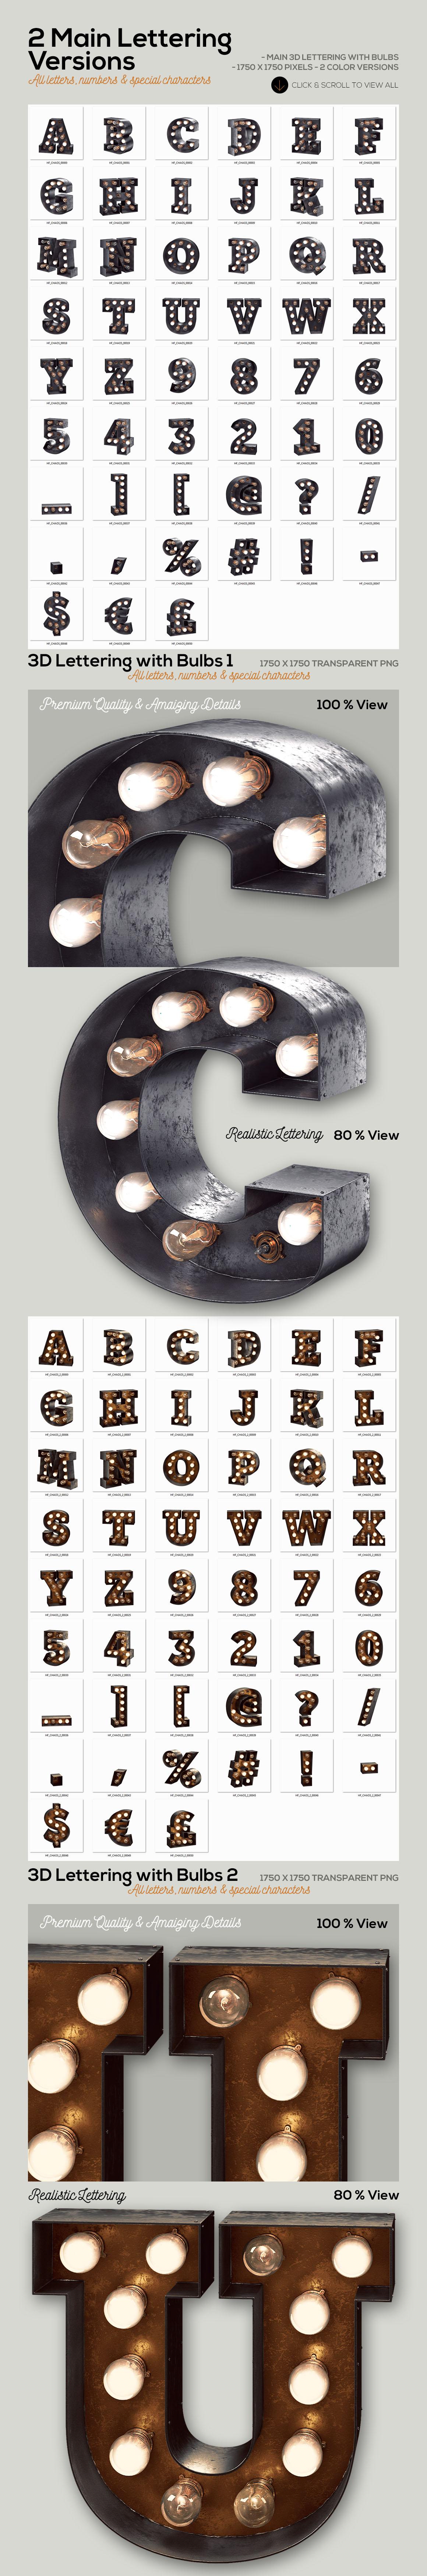 Marquee Light Bulbs 2 - Chaos